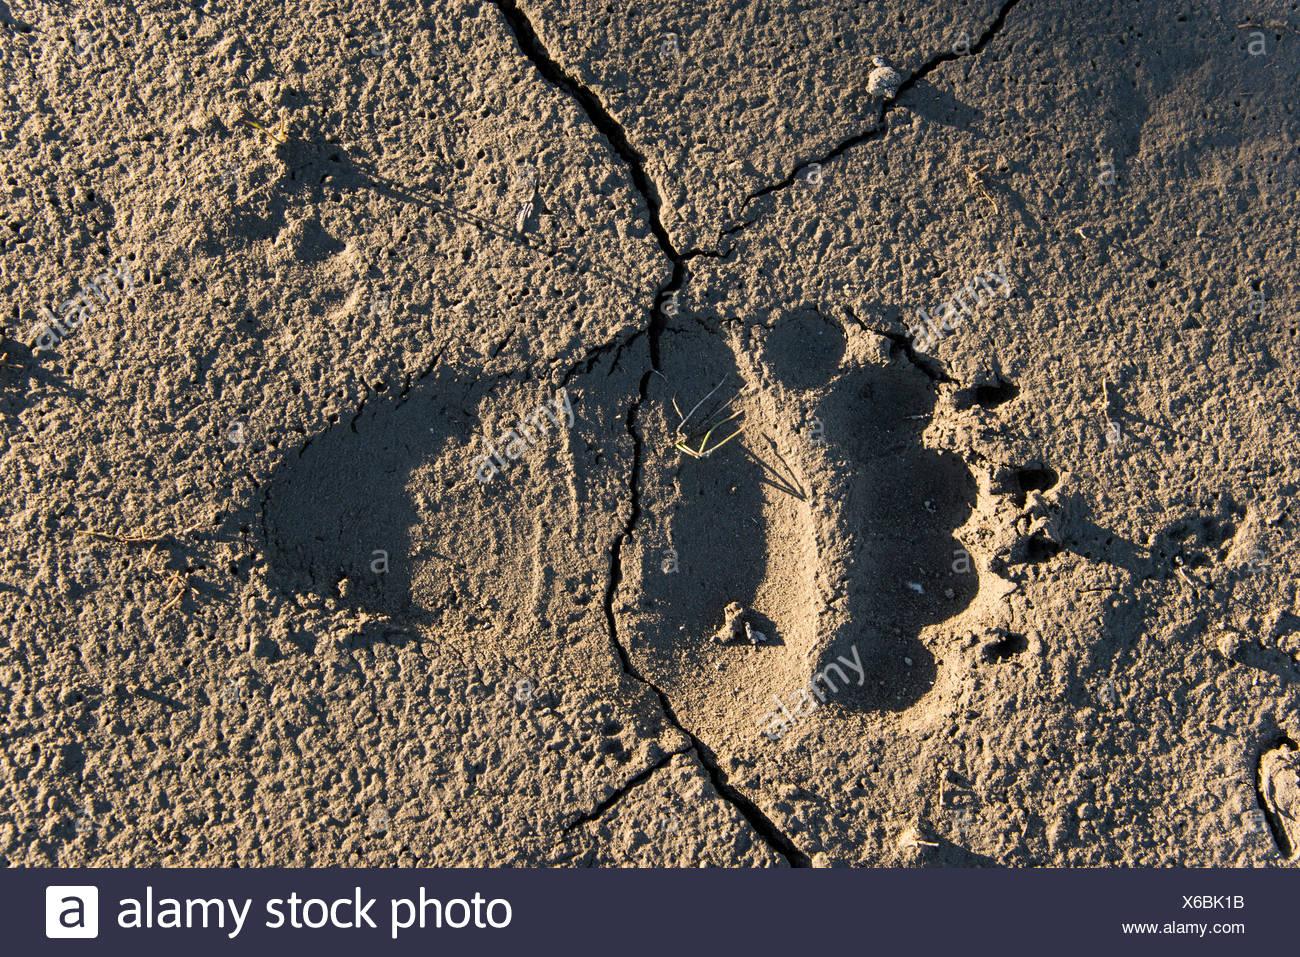 grizzly bear tracks, tracks, national petroleum reserve, petroleum reserve, Alaska, USA, America, reserve, Alaska, USA, America, - Stock Image